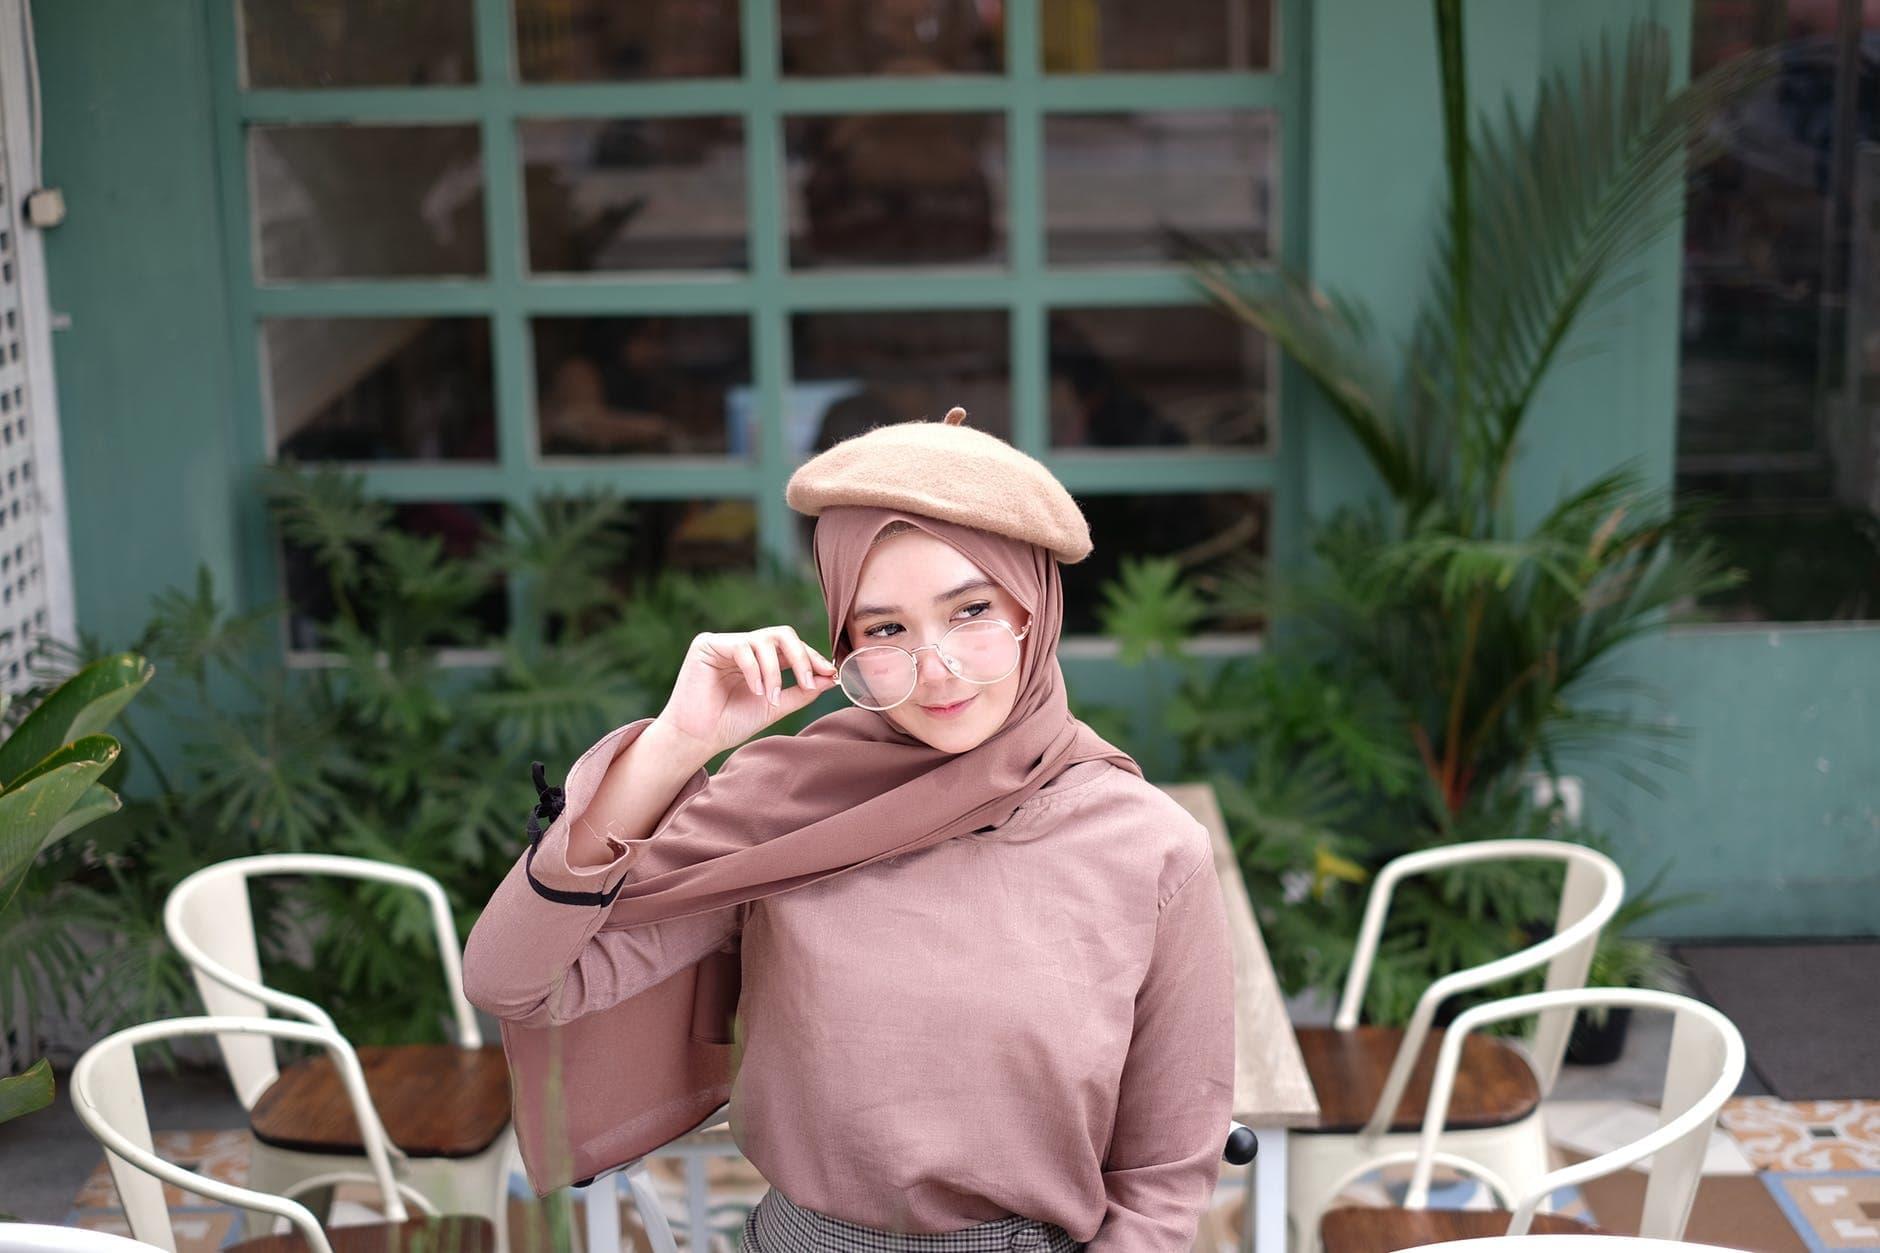 10 Baju Muslim Wanita Terbaru Yang Elegan Kekinian Di Indonesia Curretnyear